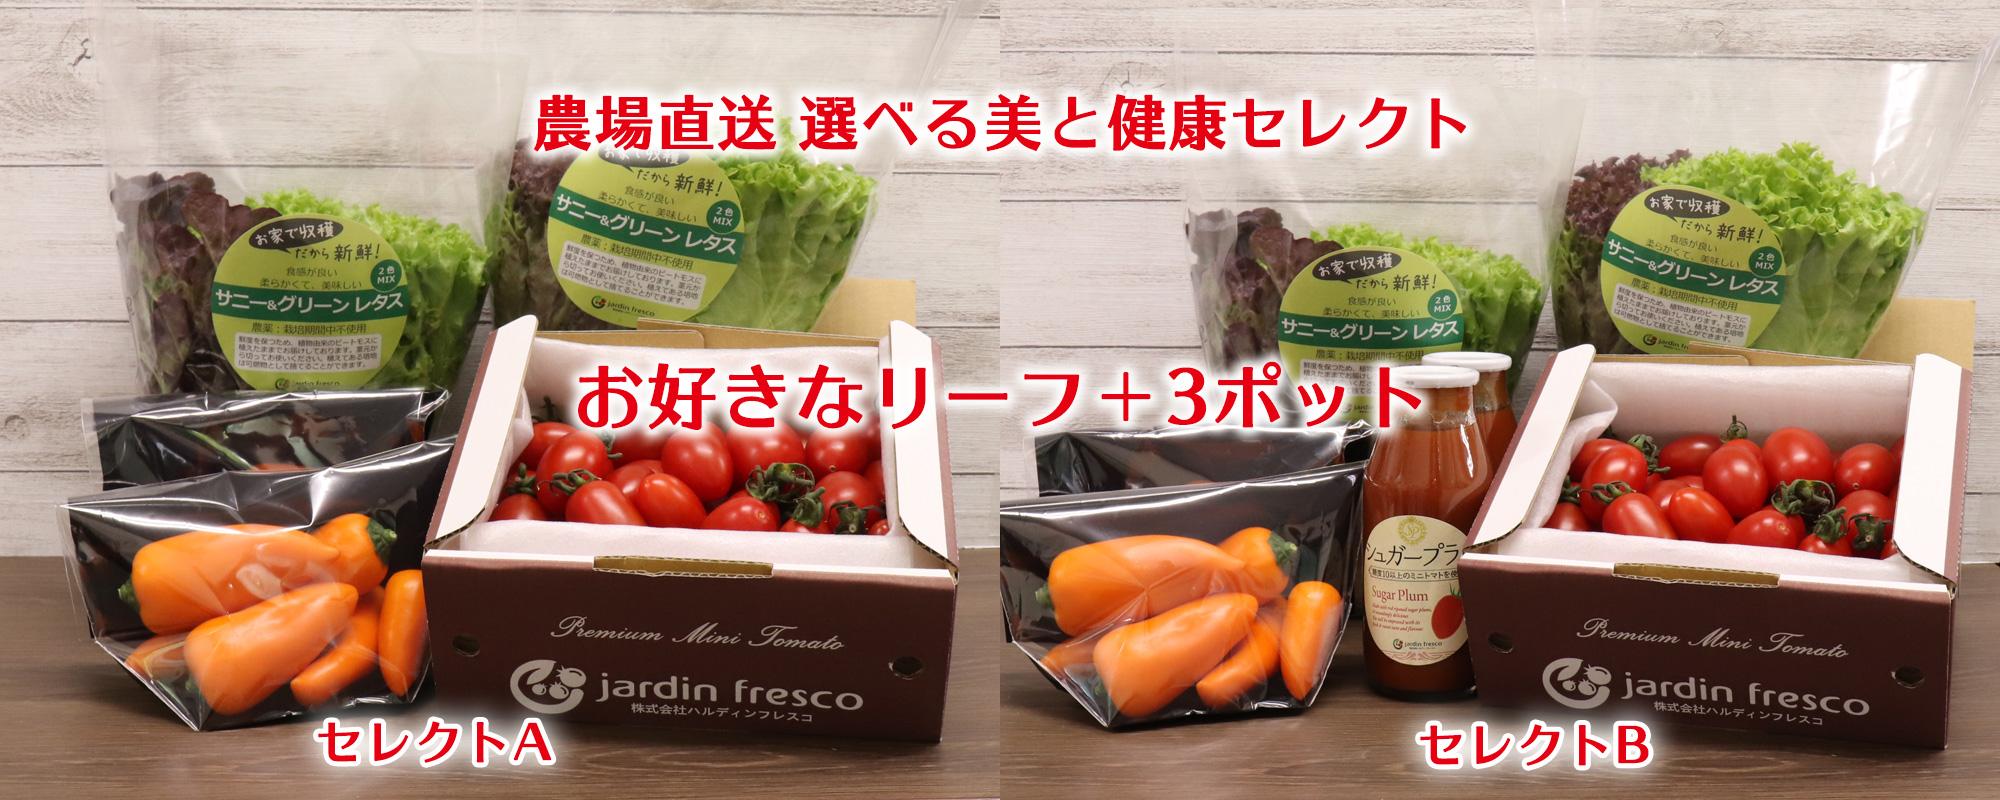 ハルディンフレスコの食材セレクトできる人気商品 選べる美と健康セレクト 再販のお知らせ